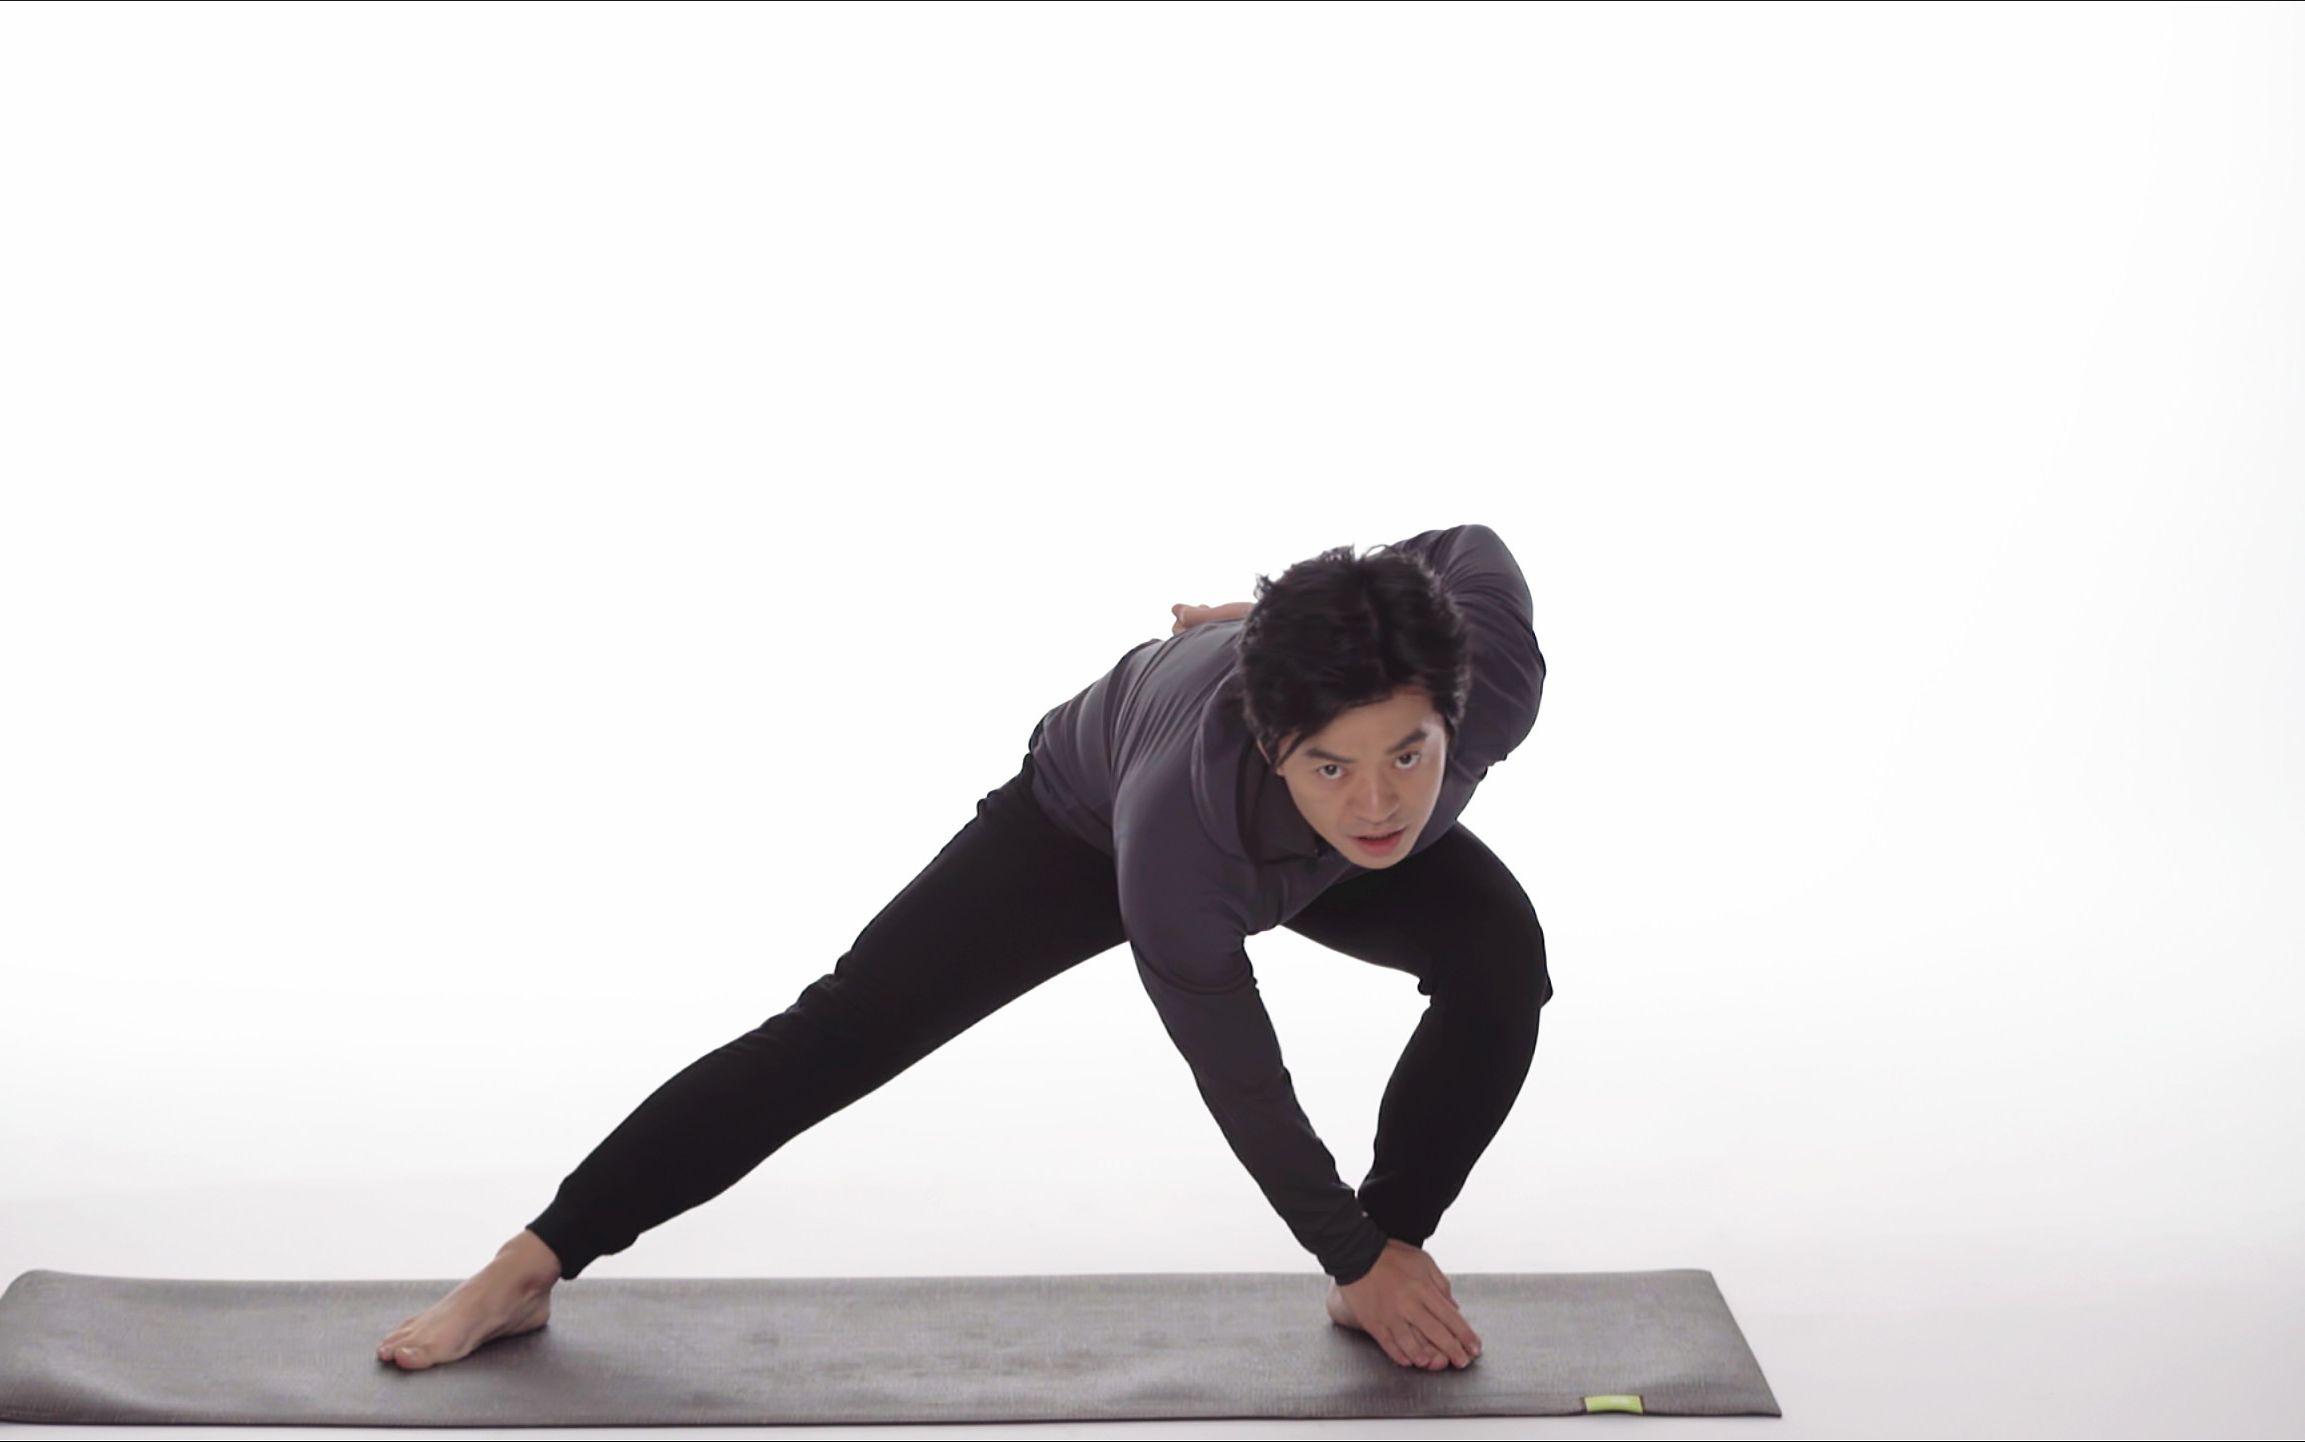 如果想塑造身材去健身房锻炼好还是自己在家锻炼好?